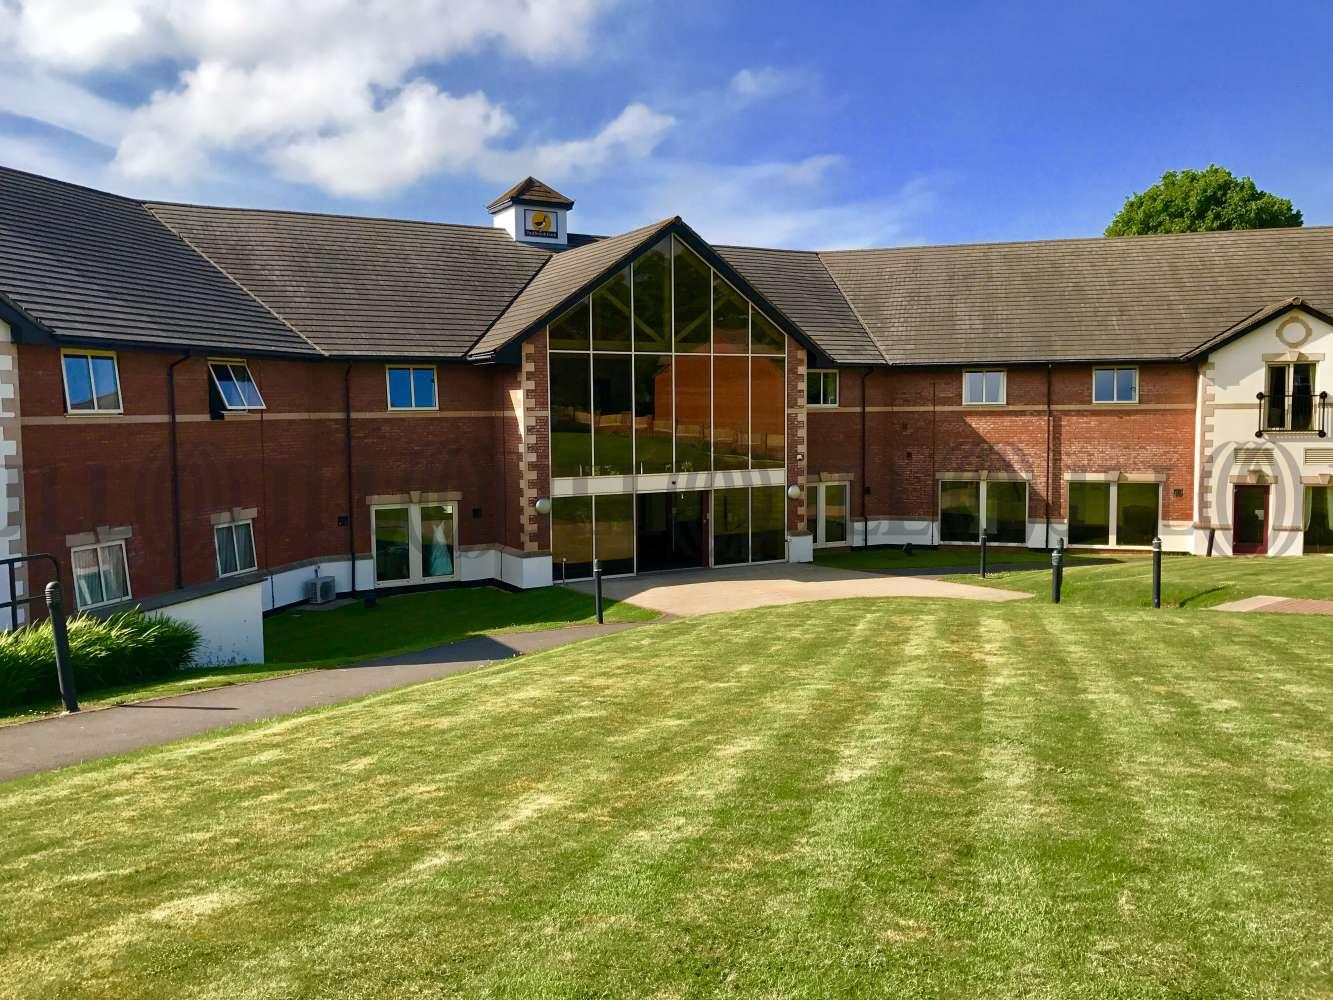 Hotel Cullompton, EX15 1RU - Padbrook Park Hotel - 4